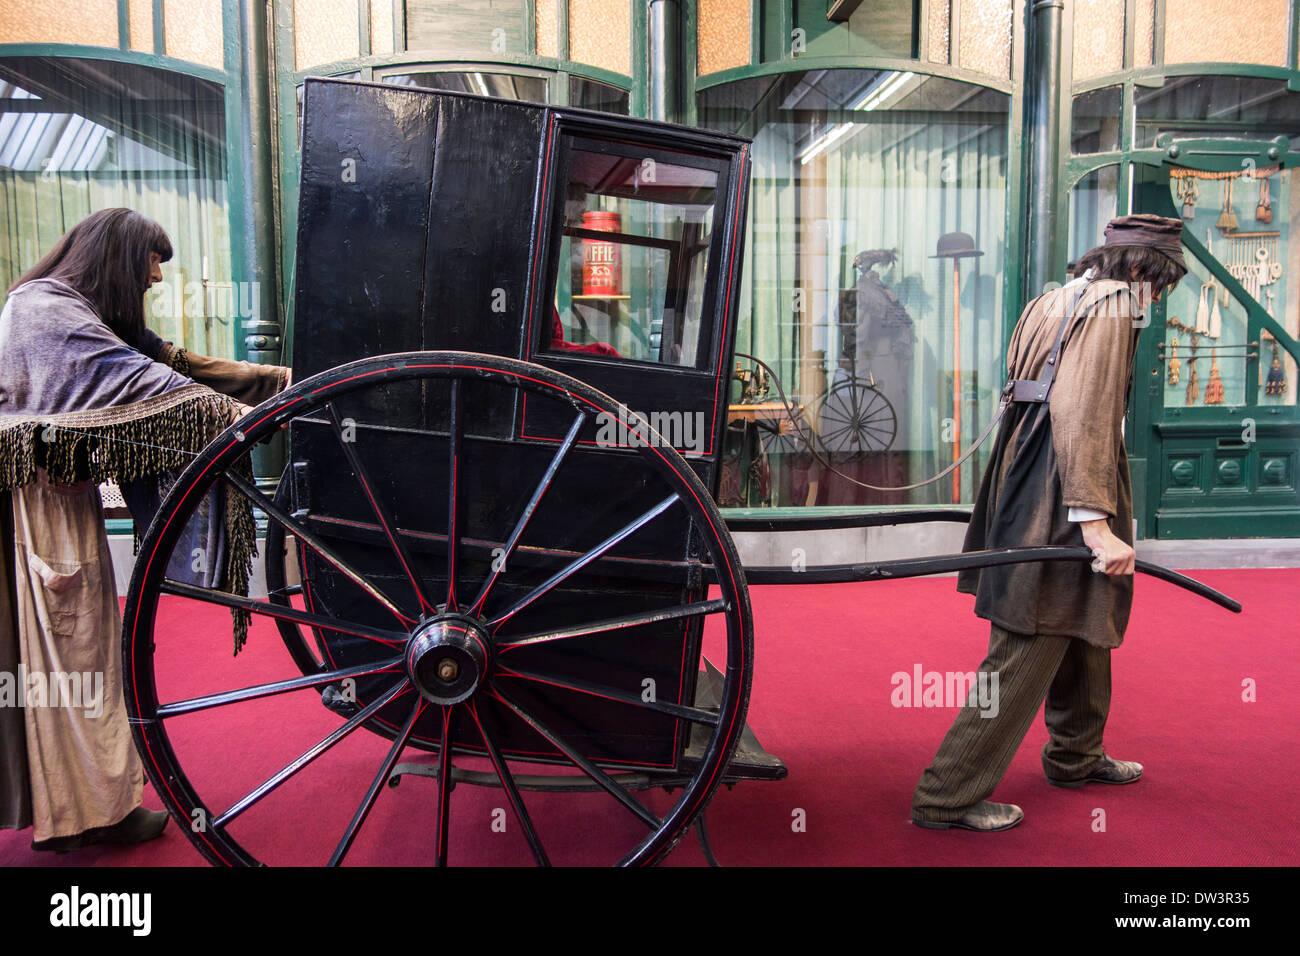 El hombre de la silla del sedán dibujado sobre ruedas en MIAT, museo de arqueología industrial, Gante, Bélgica Imagen De Stock